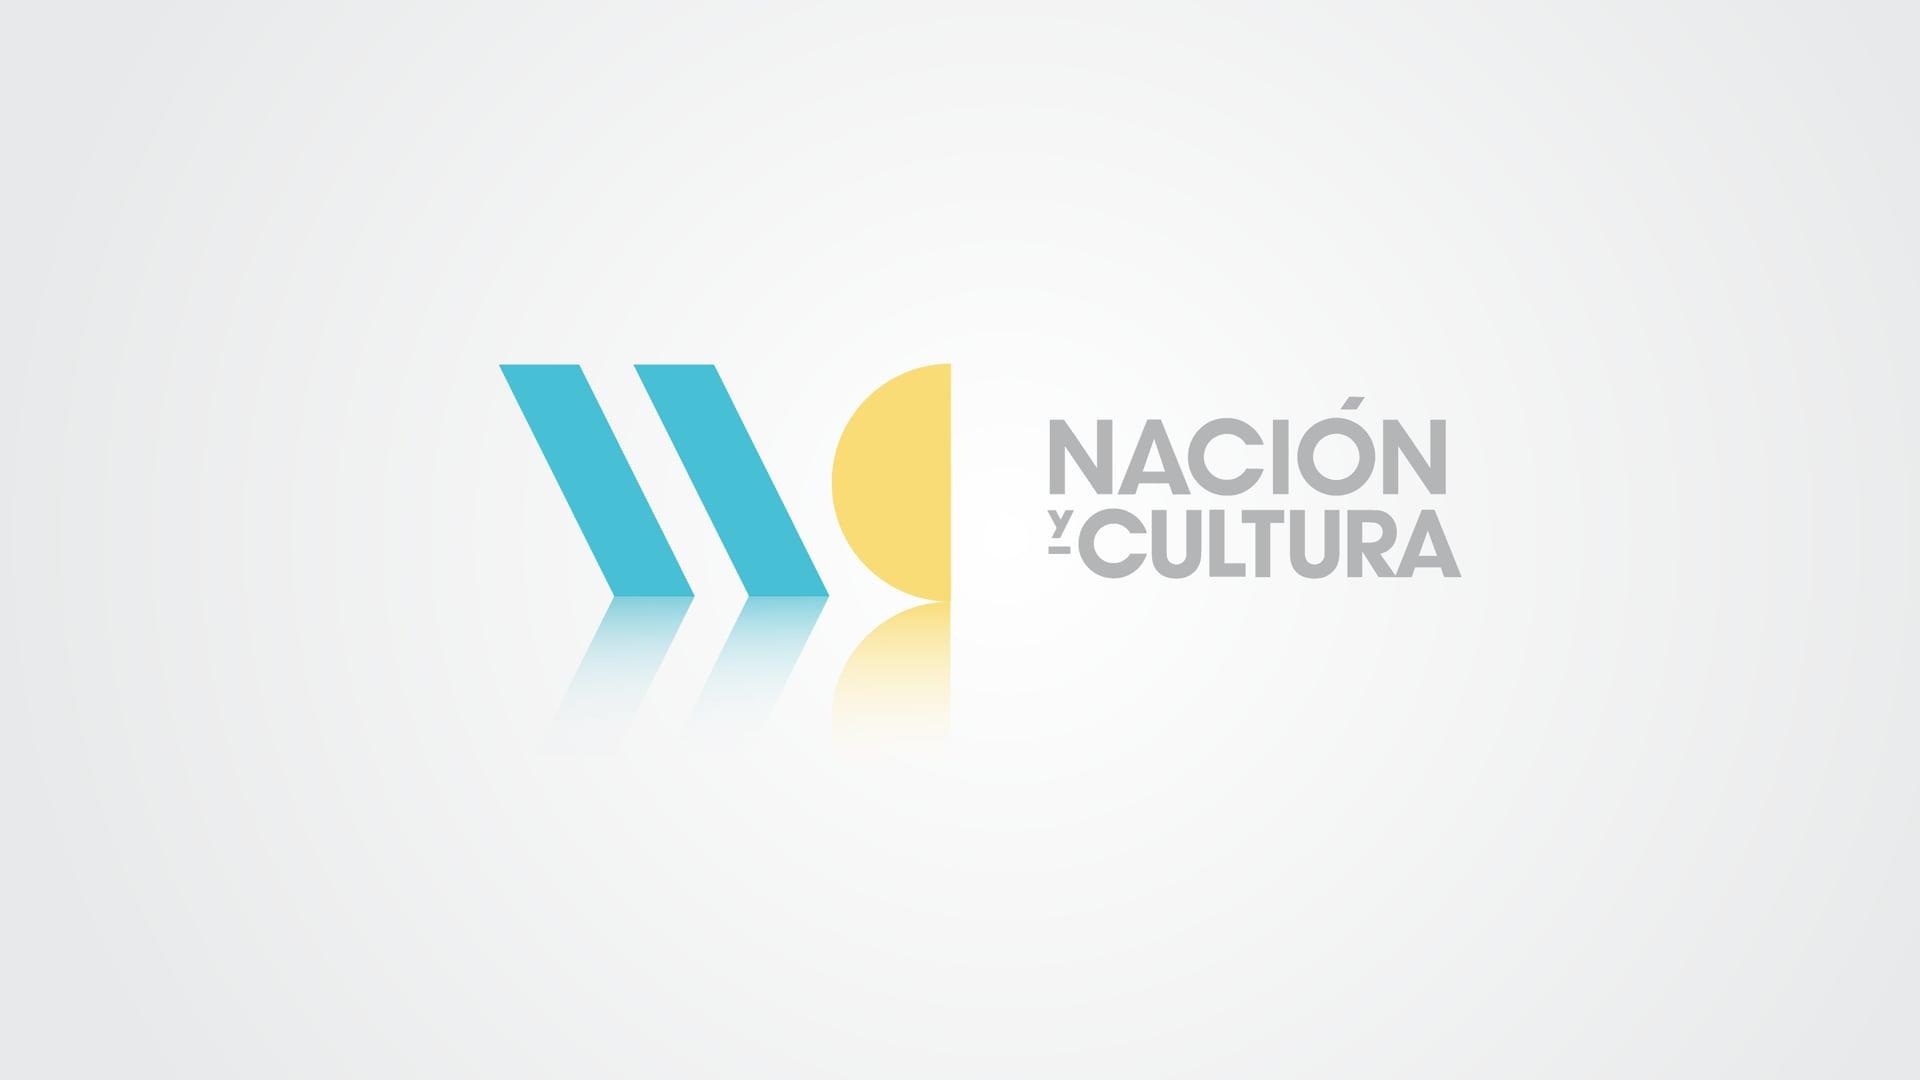 Nación y Cultura